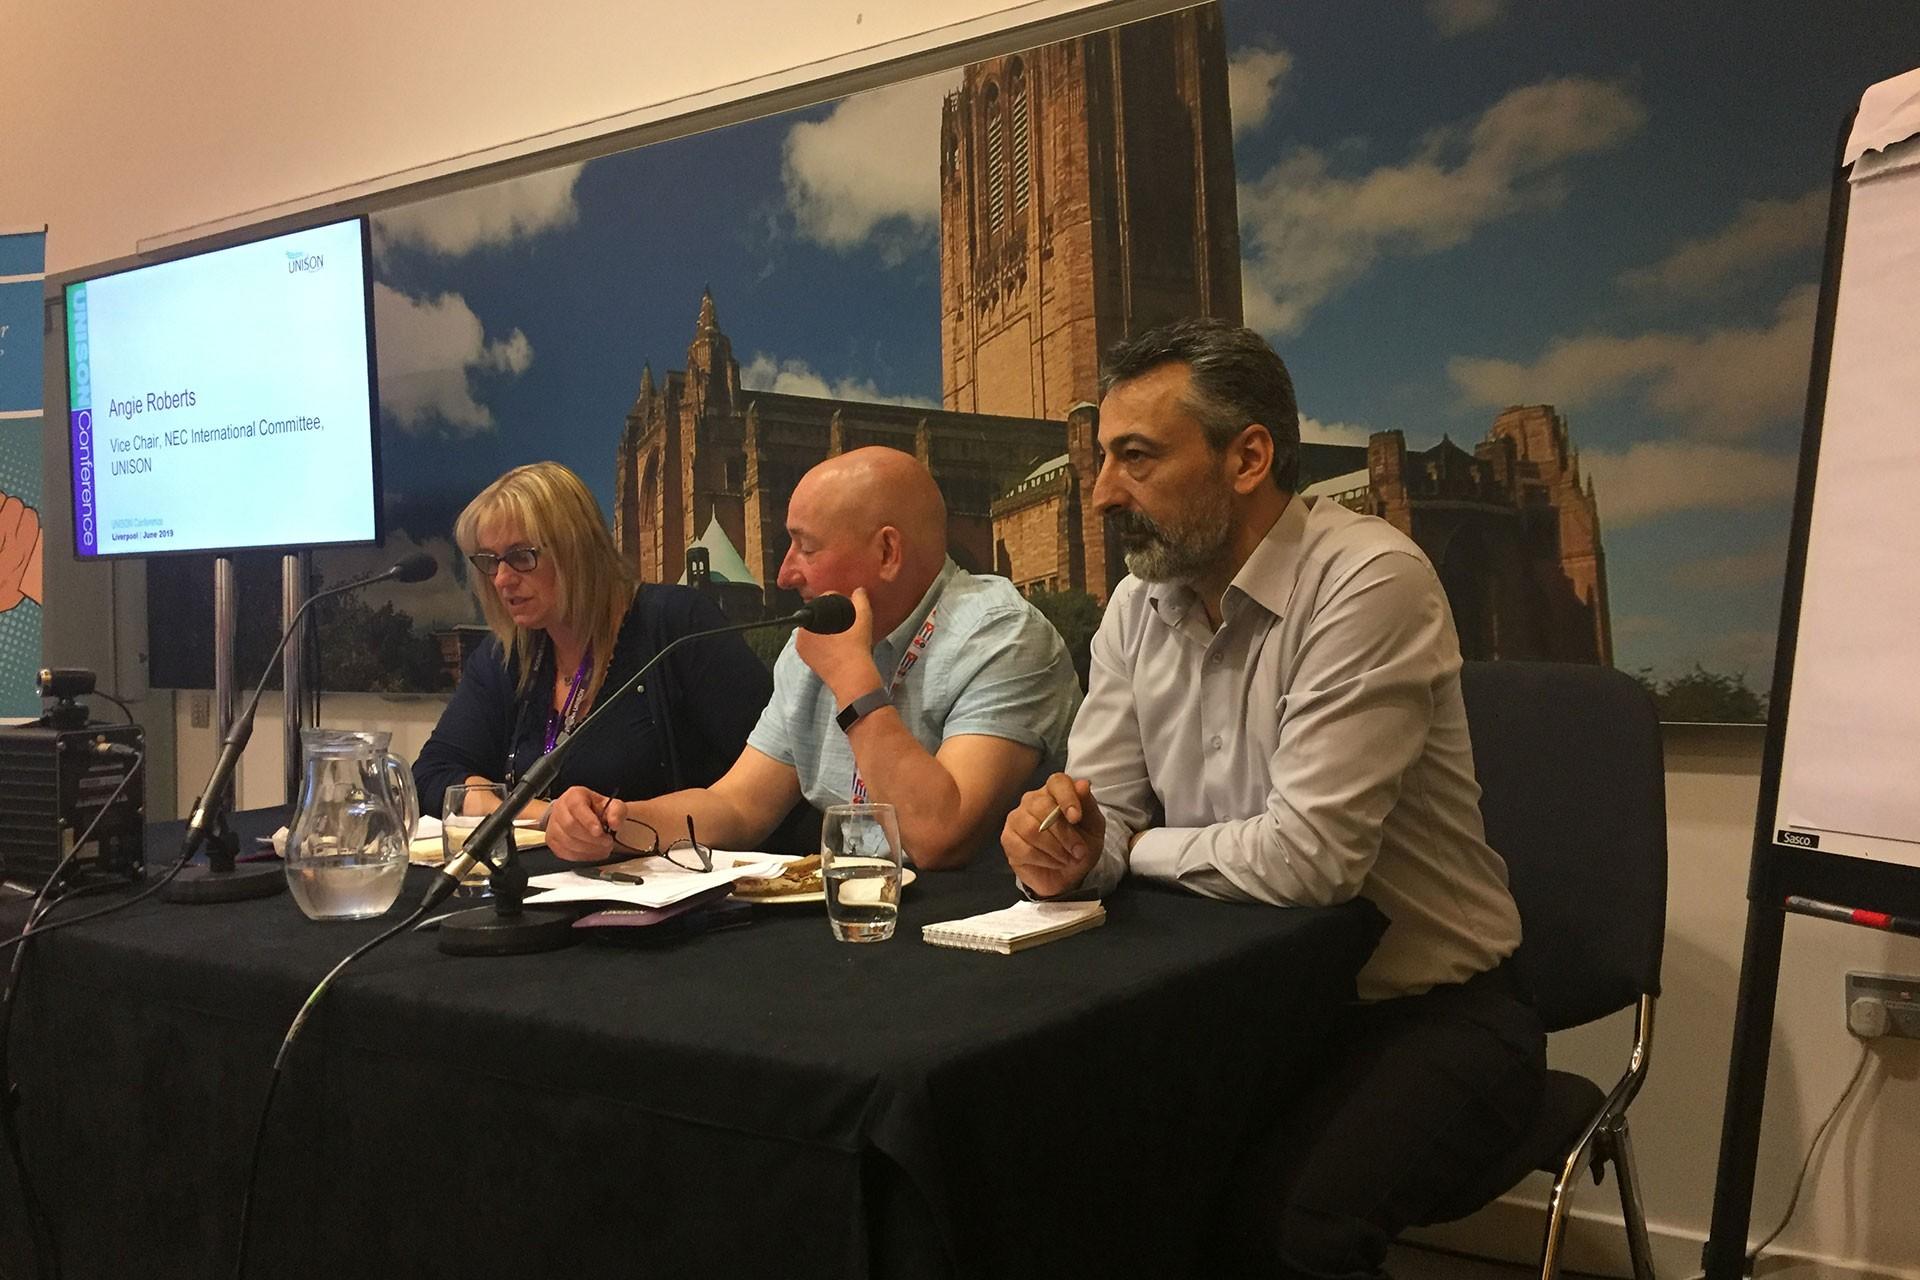 UNISON Konferansı'nda Türkiye'deki baskılar konuşuldu